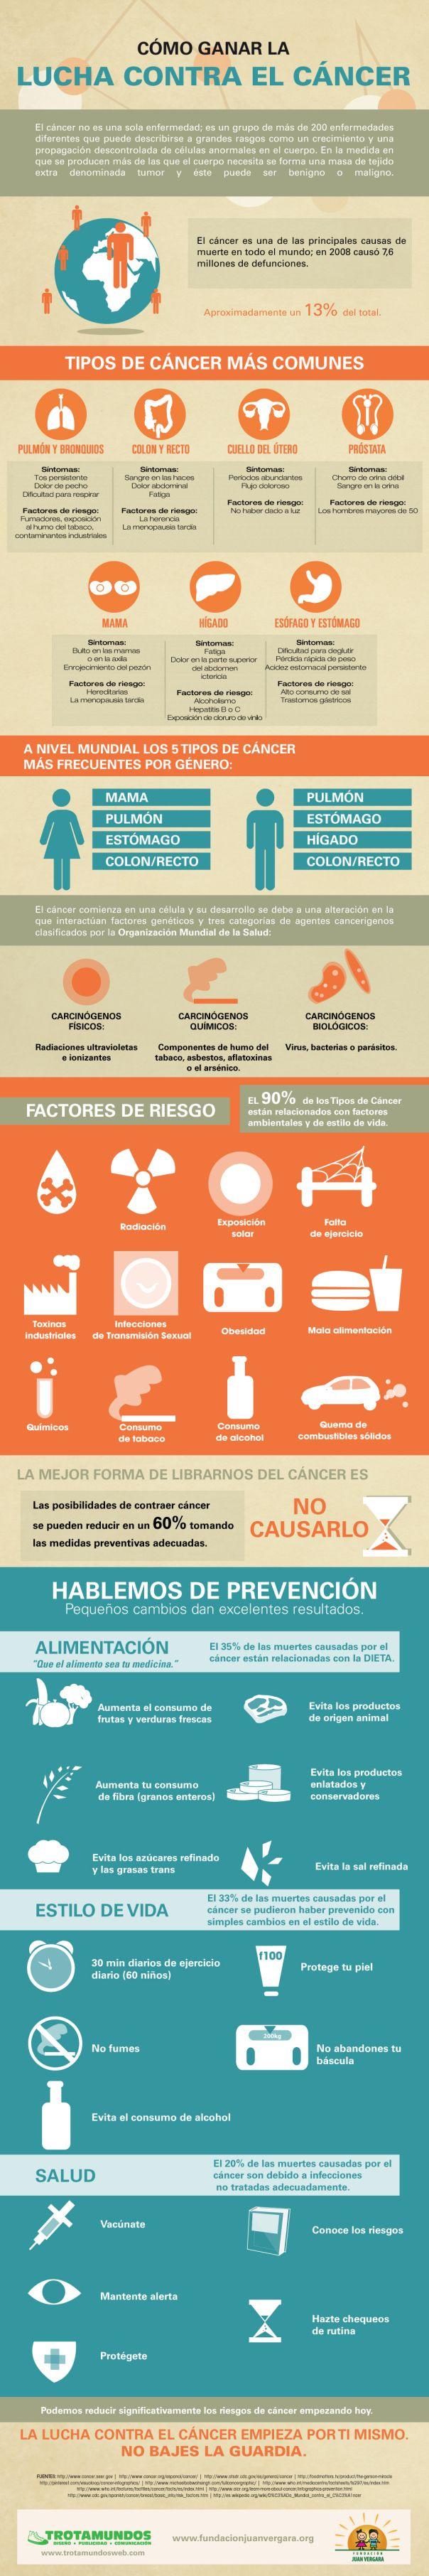 ¡Súper interesante e importante! Cómo ganar la lucha contra el cáncer #infografia #infographic #health